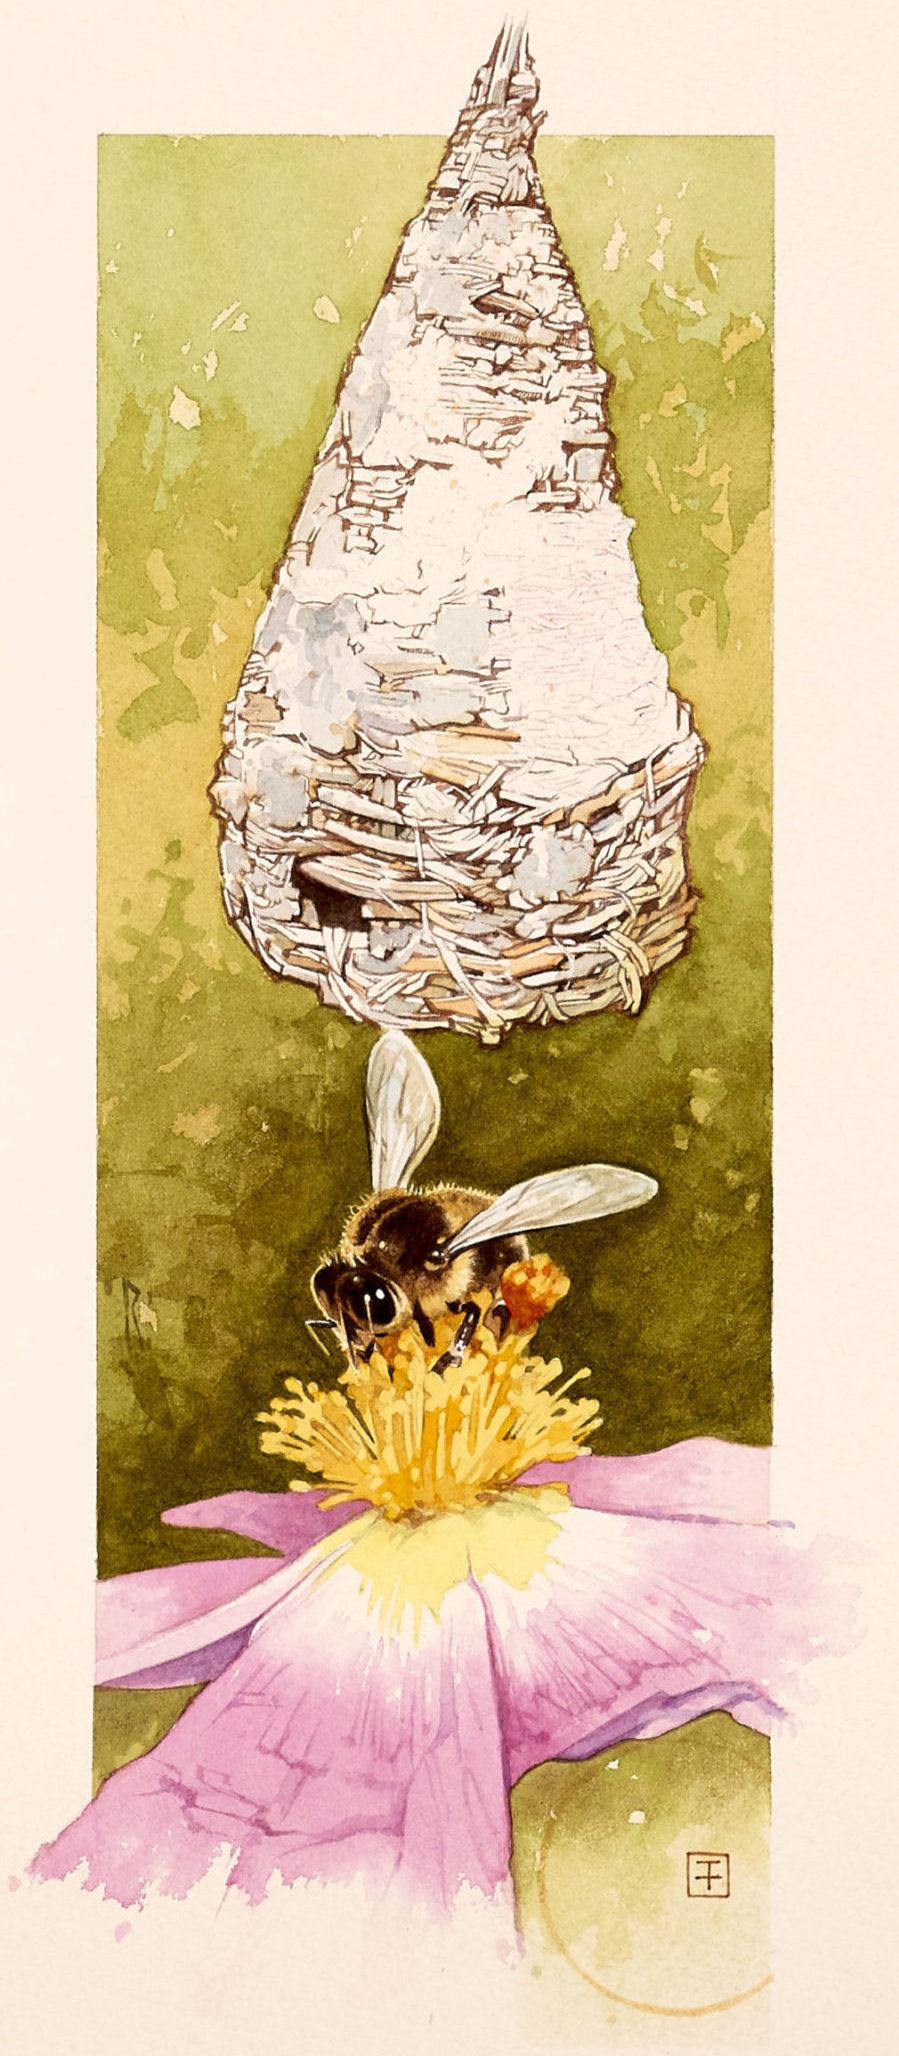 Portada del libro 'El País del Abeyeiro', realizada por Fernando Fueyo.